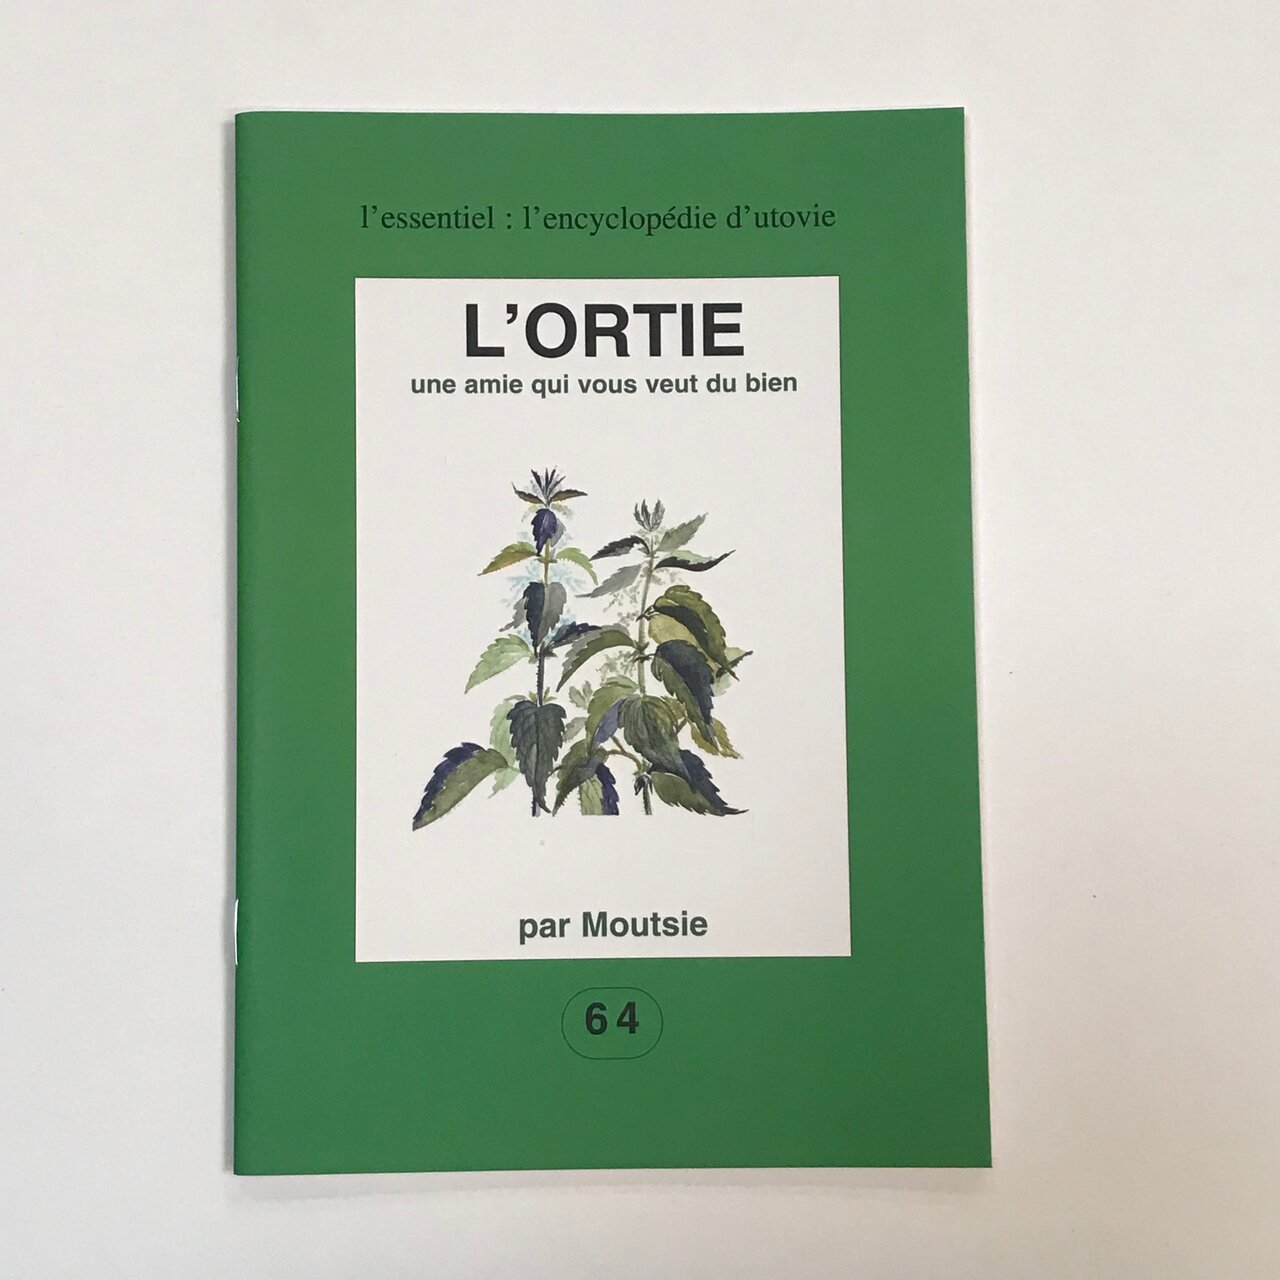 Connaissance des Plantes - L'Ortie - une amie qui vous veut du bien